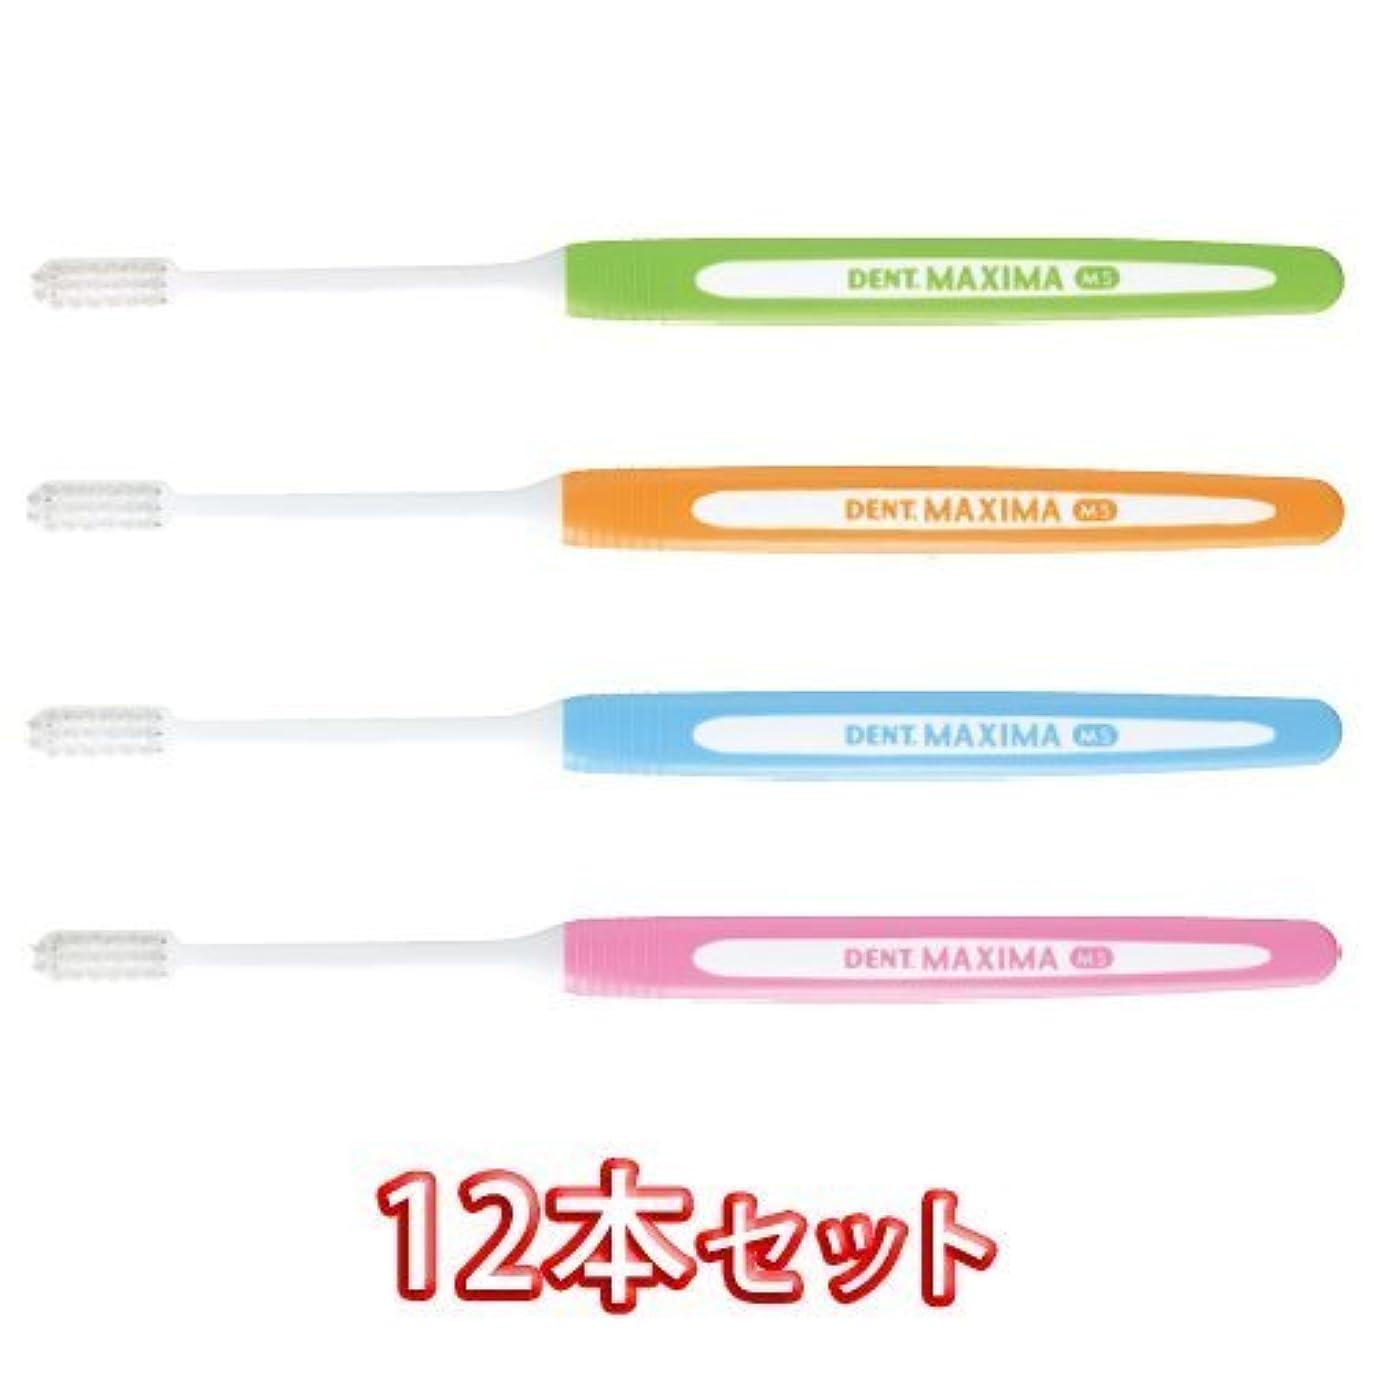 通りまたツインライオン DENT.MAXIMA ハブラシ MS(ミディアムソフト) × 12本【デント マキシマ】歯科用 歯ブラシ